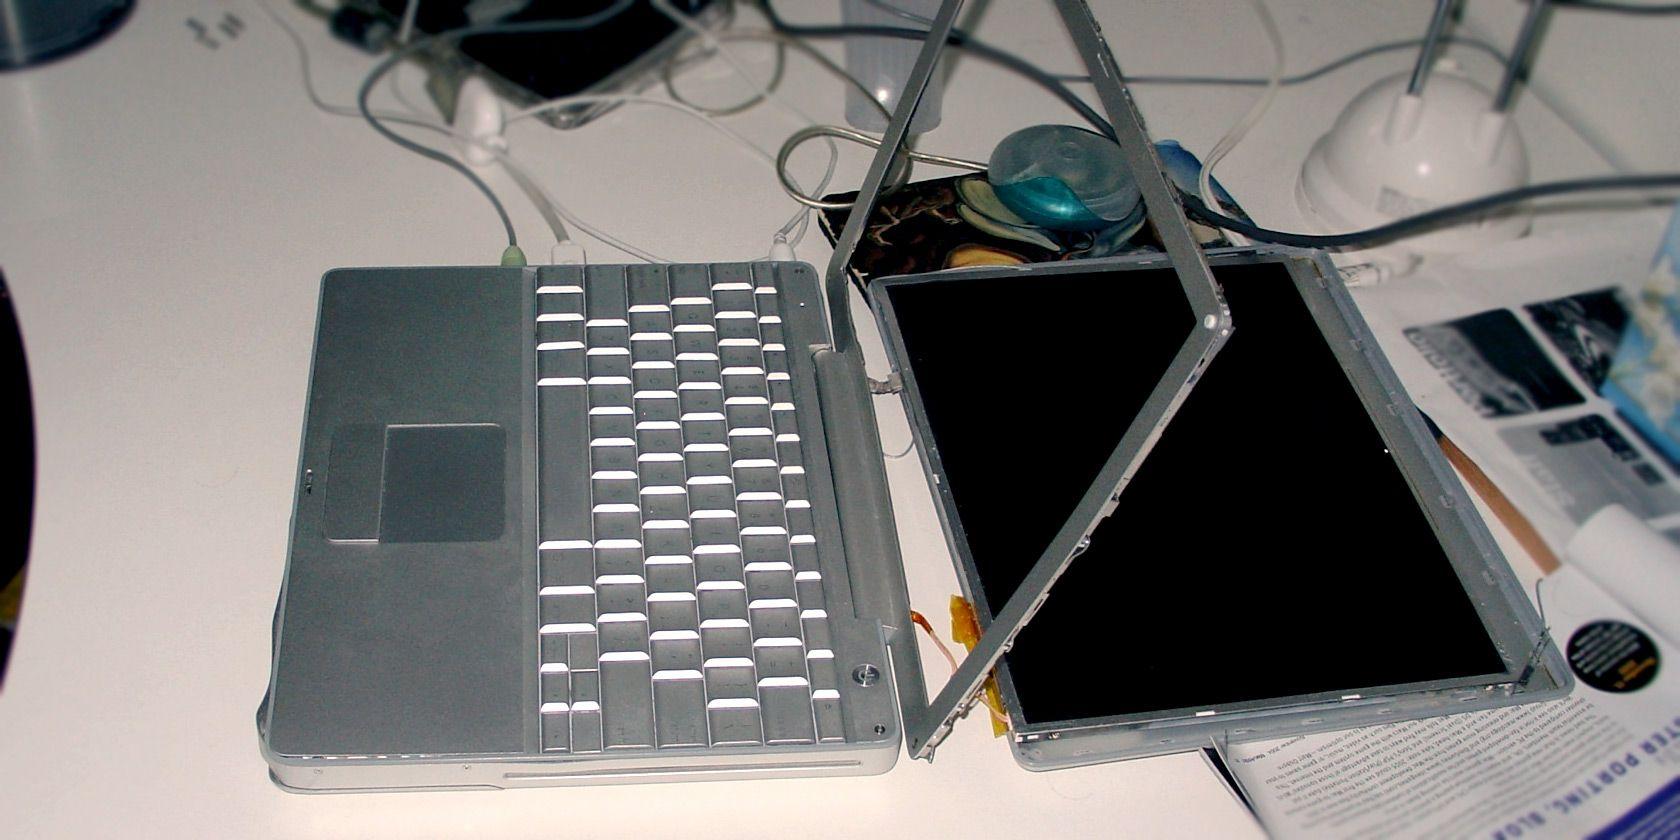 آیا رایانه شما در زمان بوت قفل می شود؟ 3 قدم کوتاه